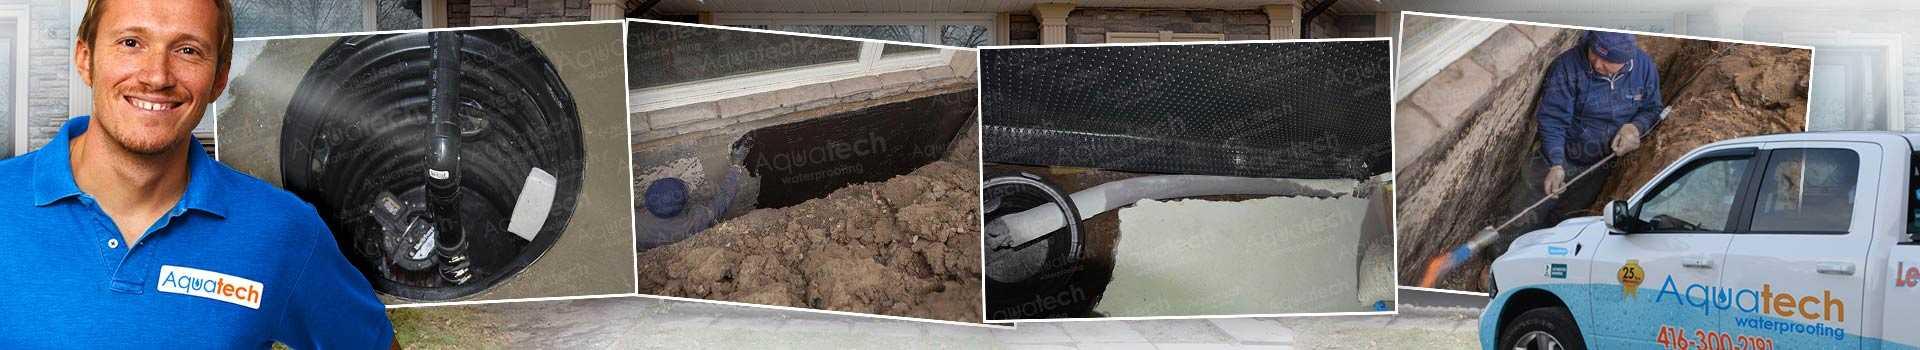 aquatech-basement-basement-waterproofing-systems